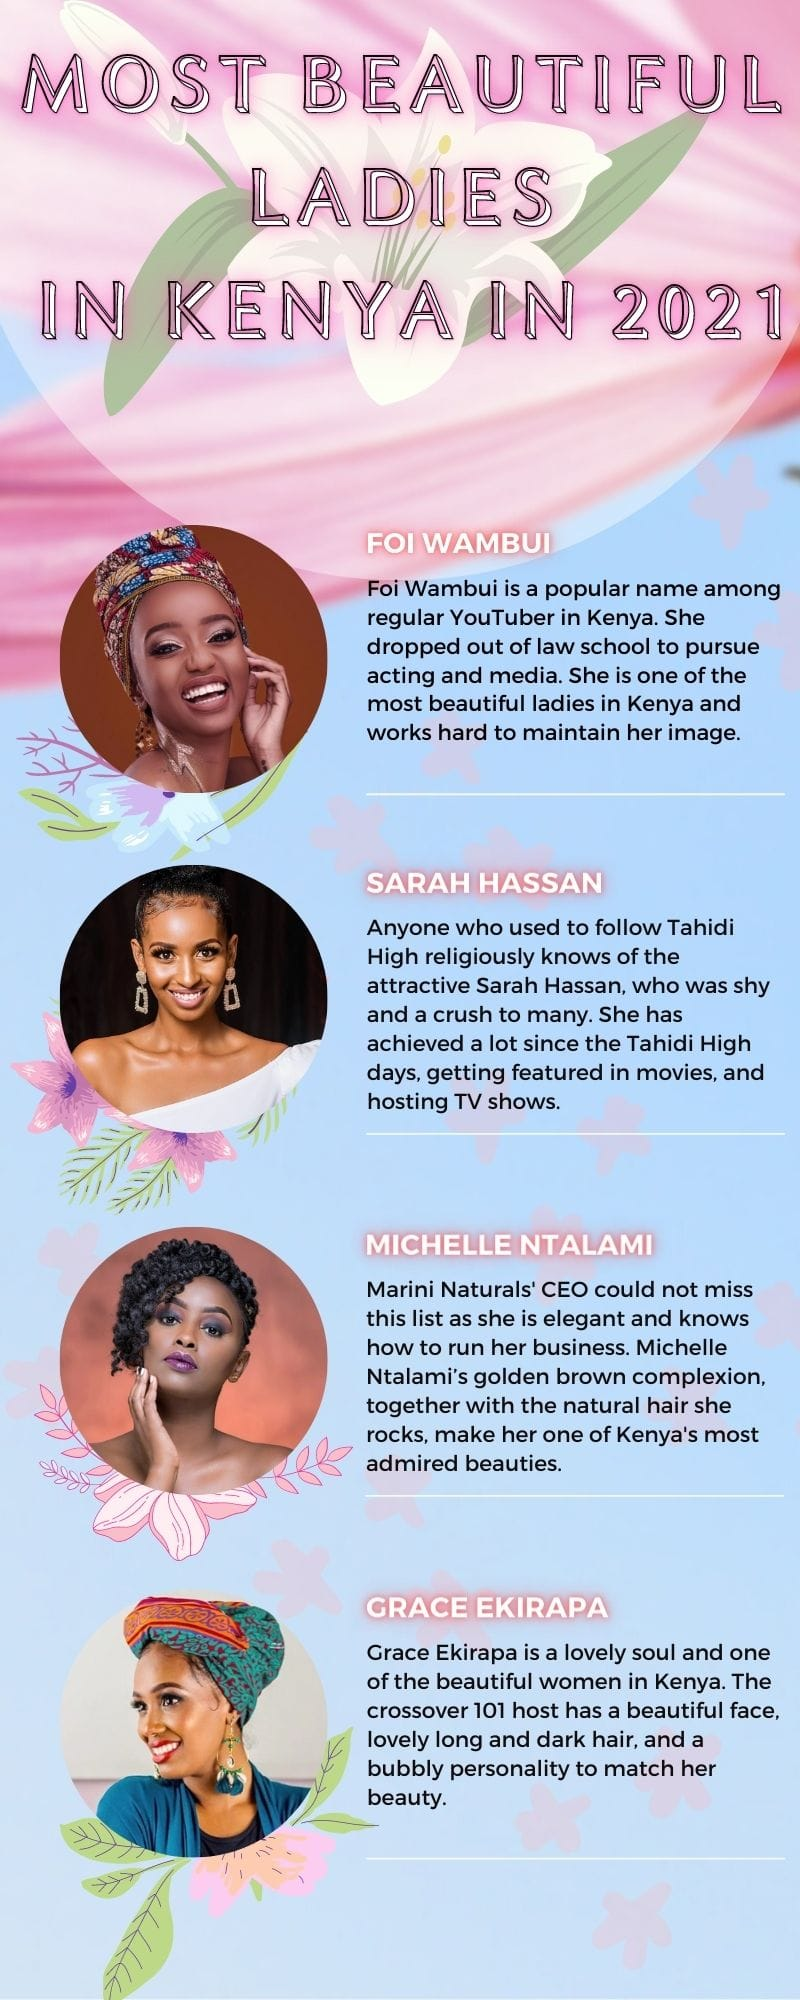 most beautiful ladies in Kenya in 2021